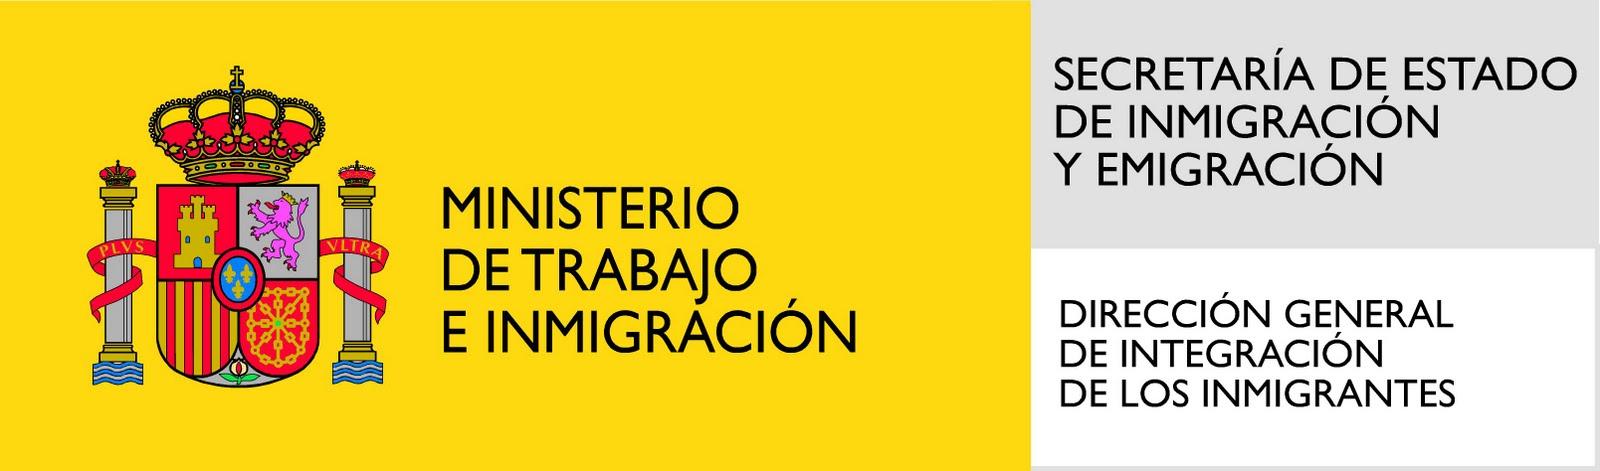 Blog ecos do sur noviembre 2009 for Ministerio de seguridad espana